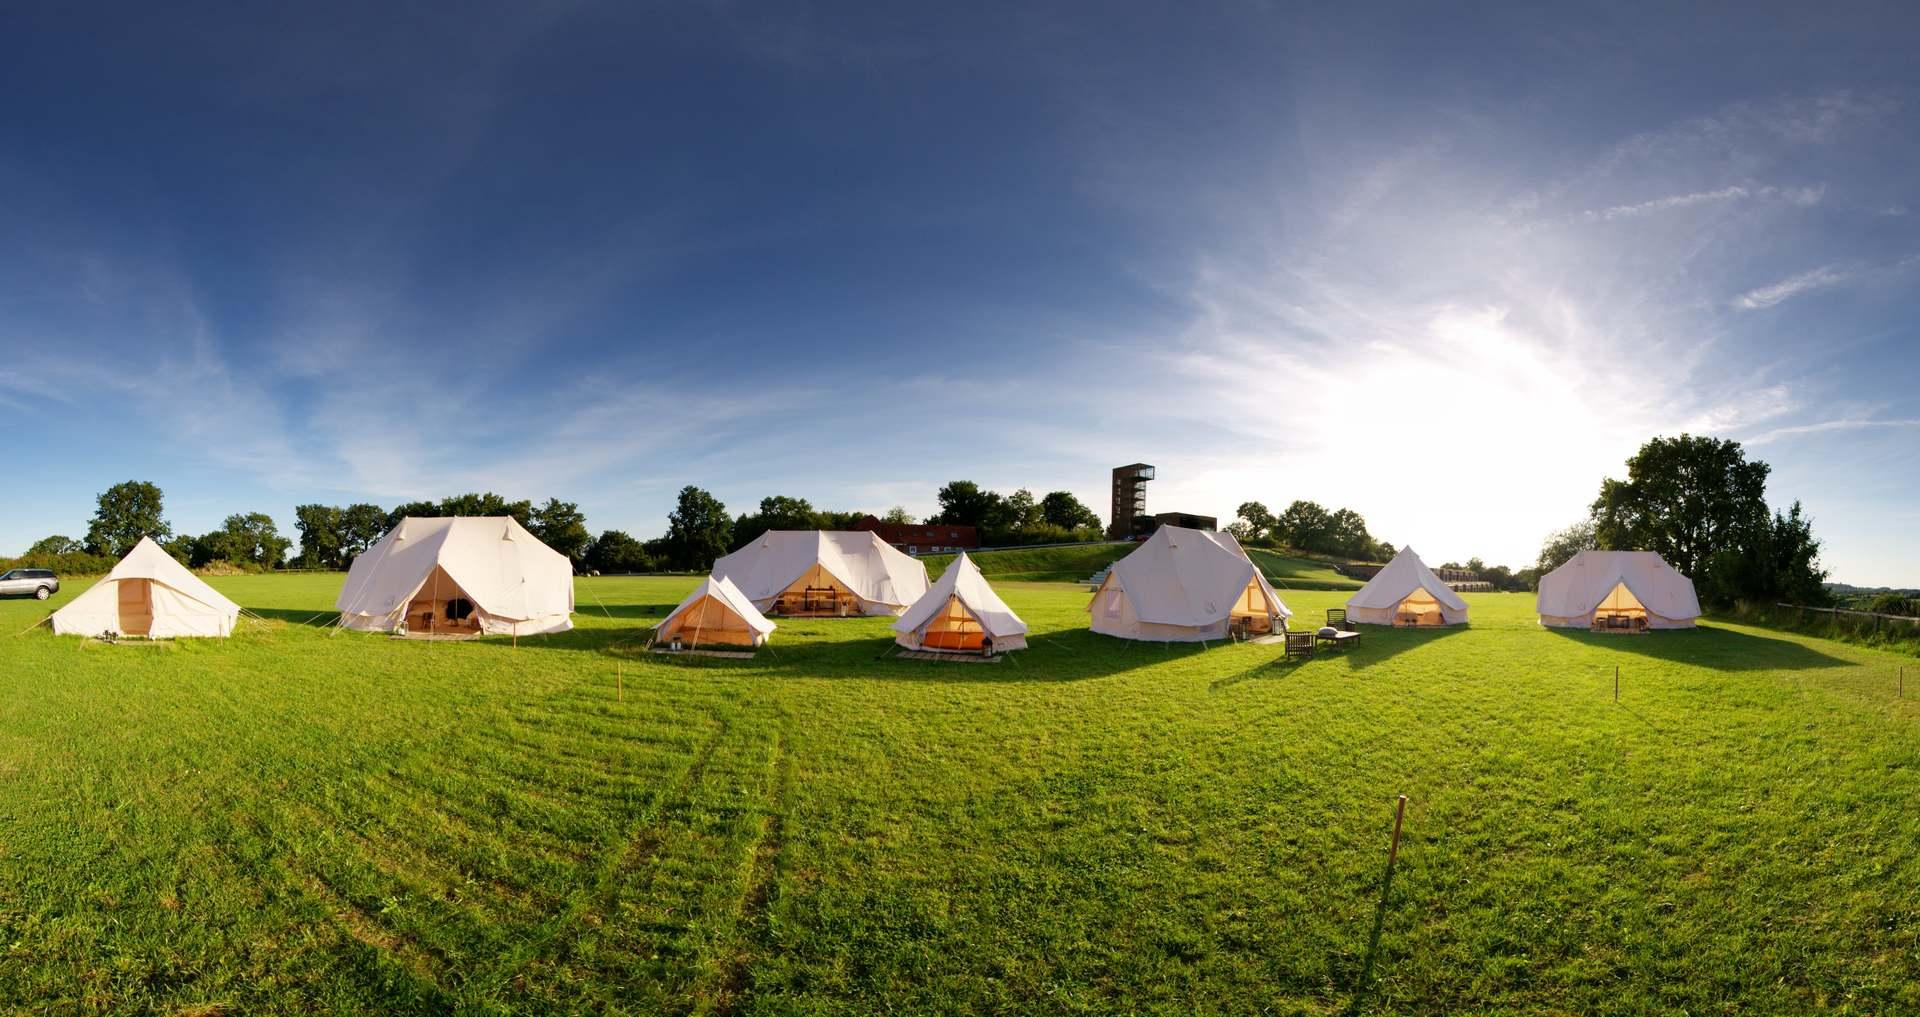 キャンプ好き必見!「NORDISK」世界初のコンセプトストアで働きませんか?のカバー写真